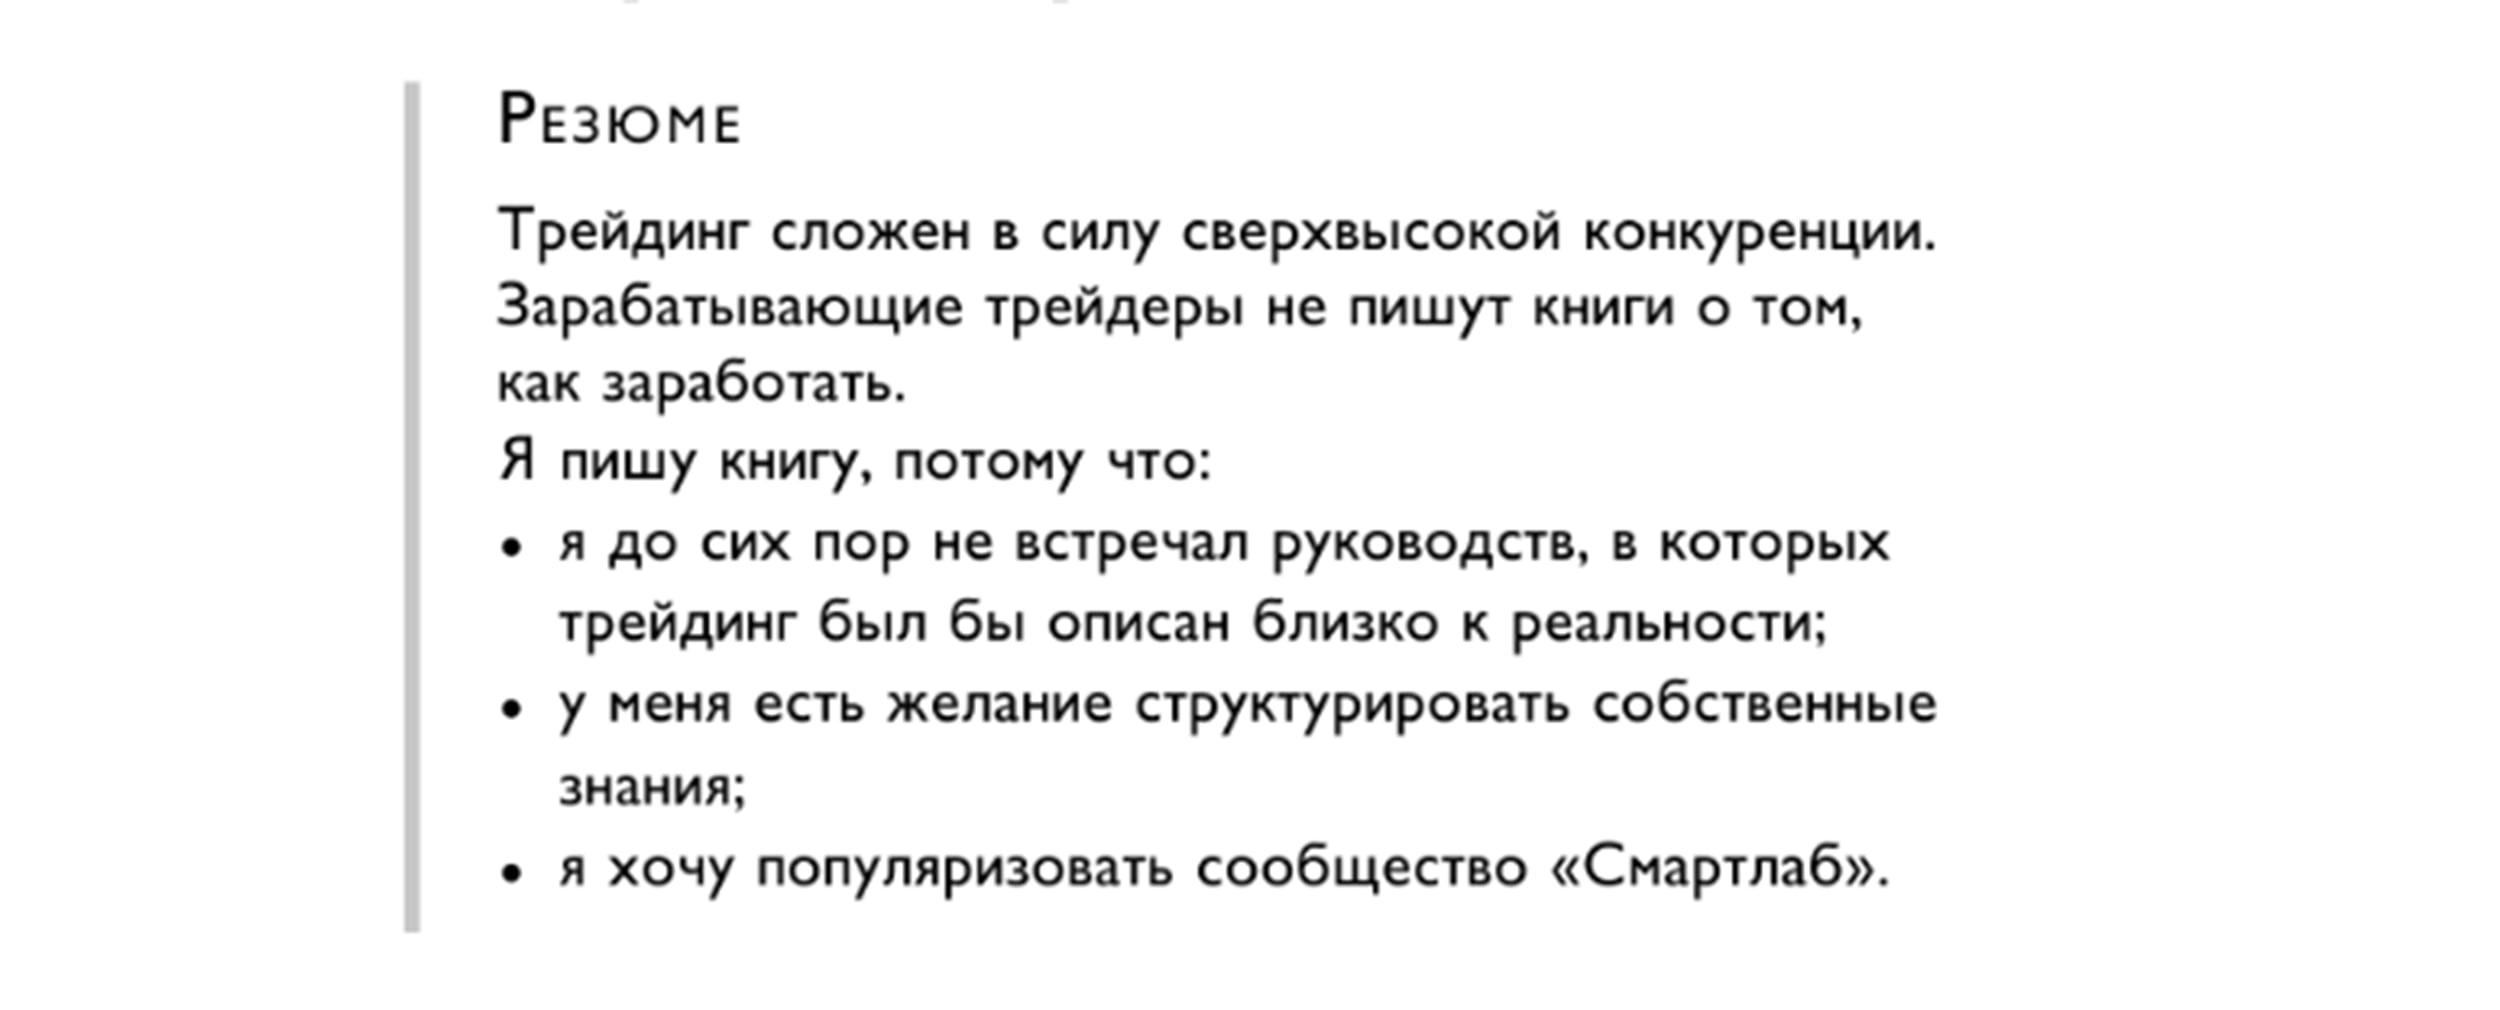 Тимофей Мартынов перечислил причины, побудившее его написать книгу